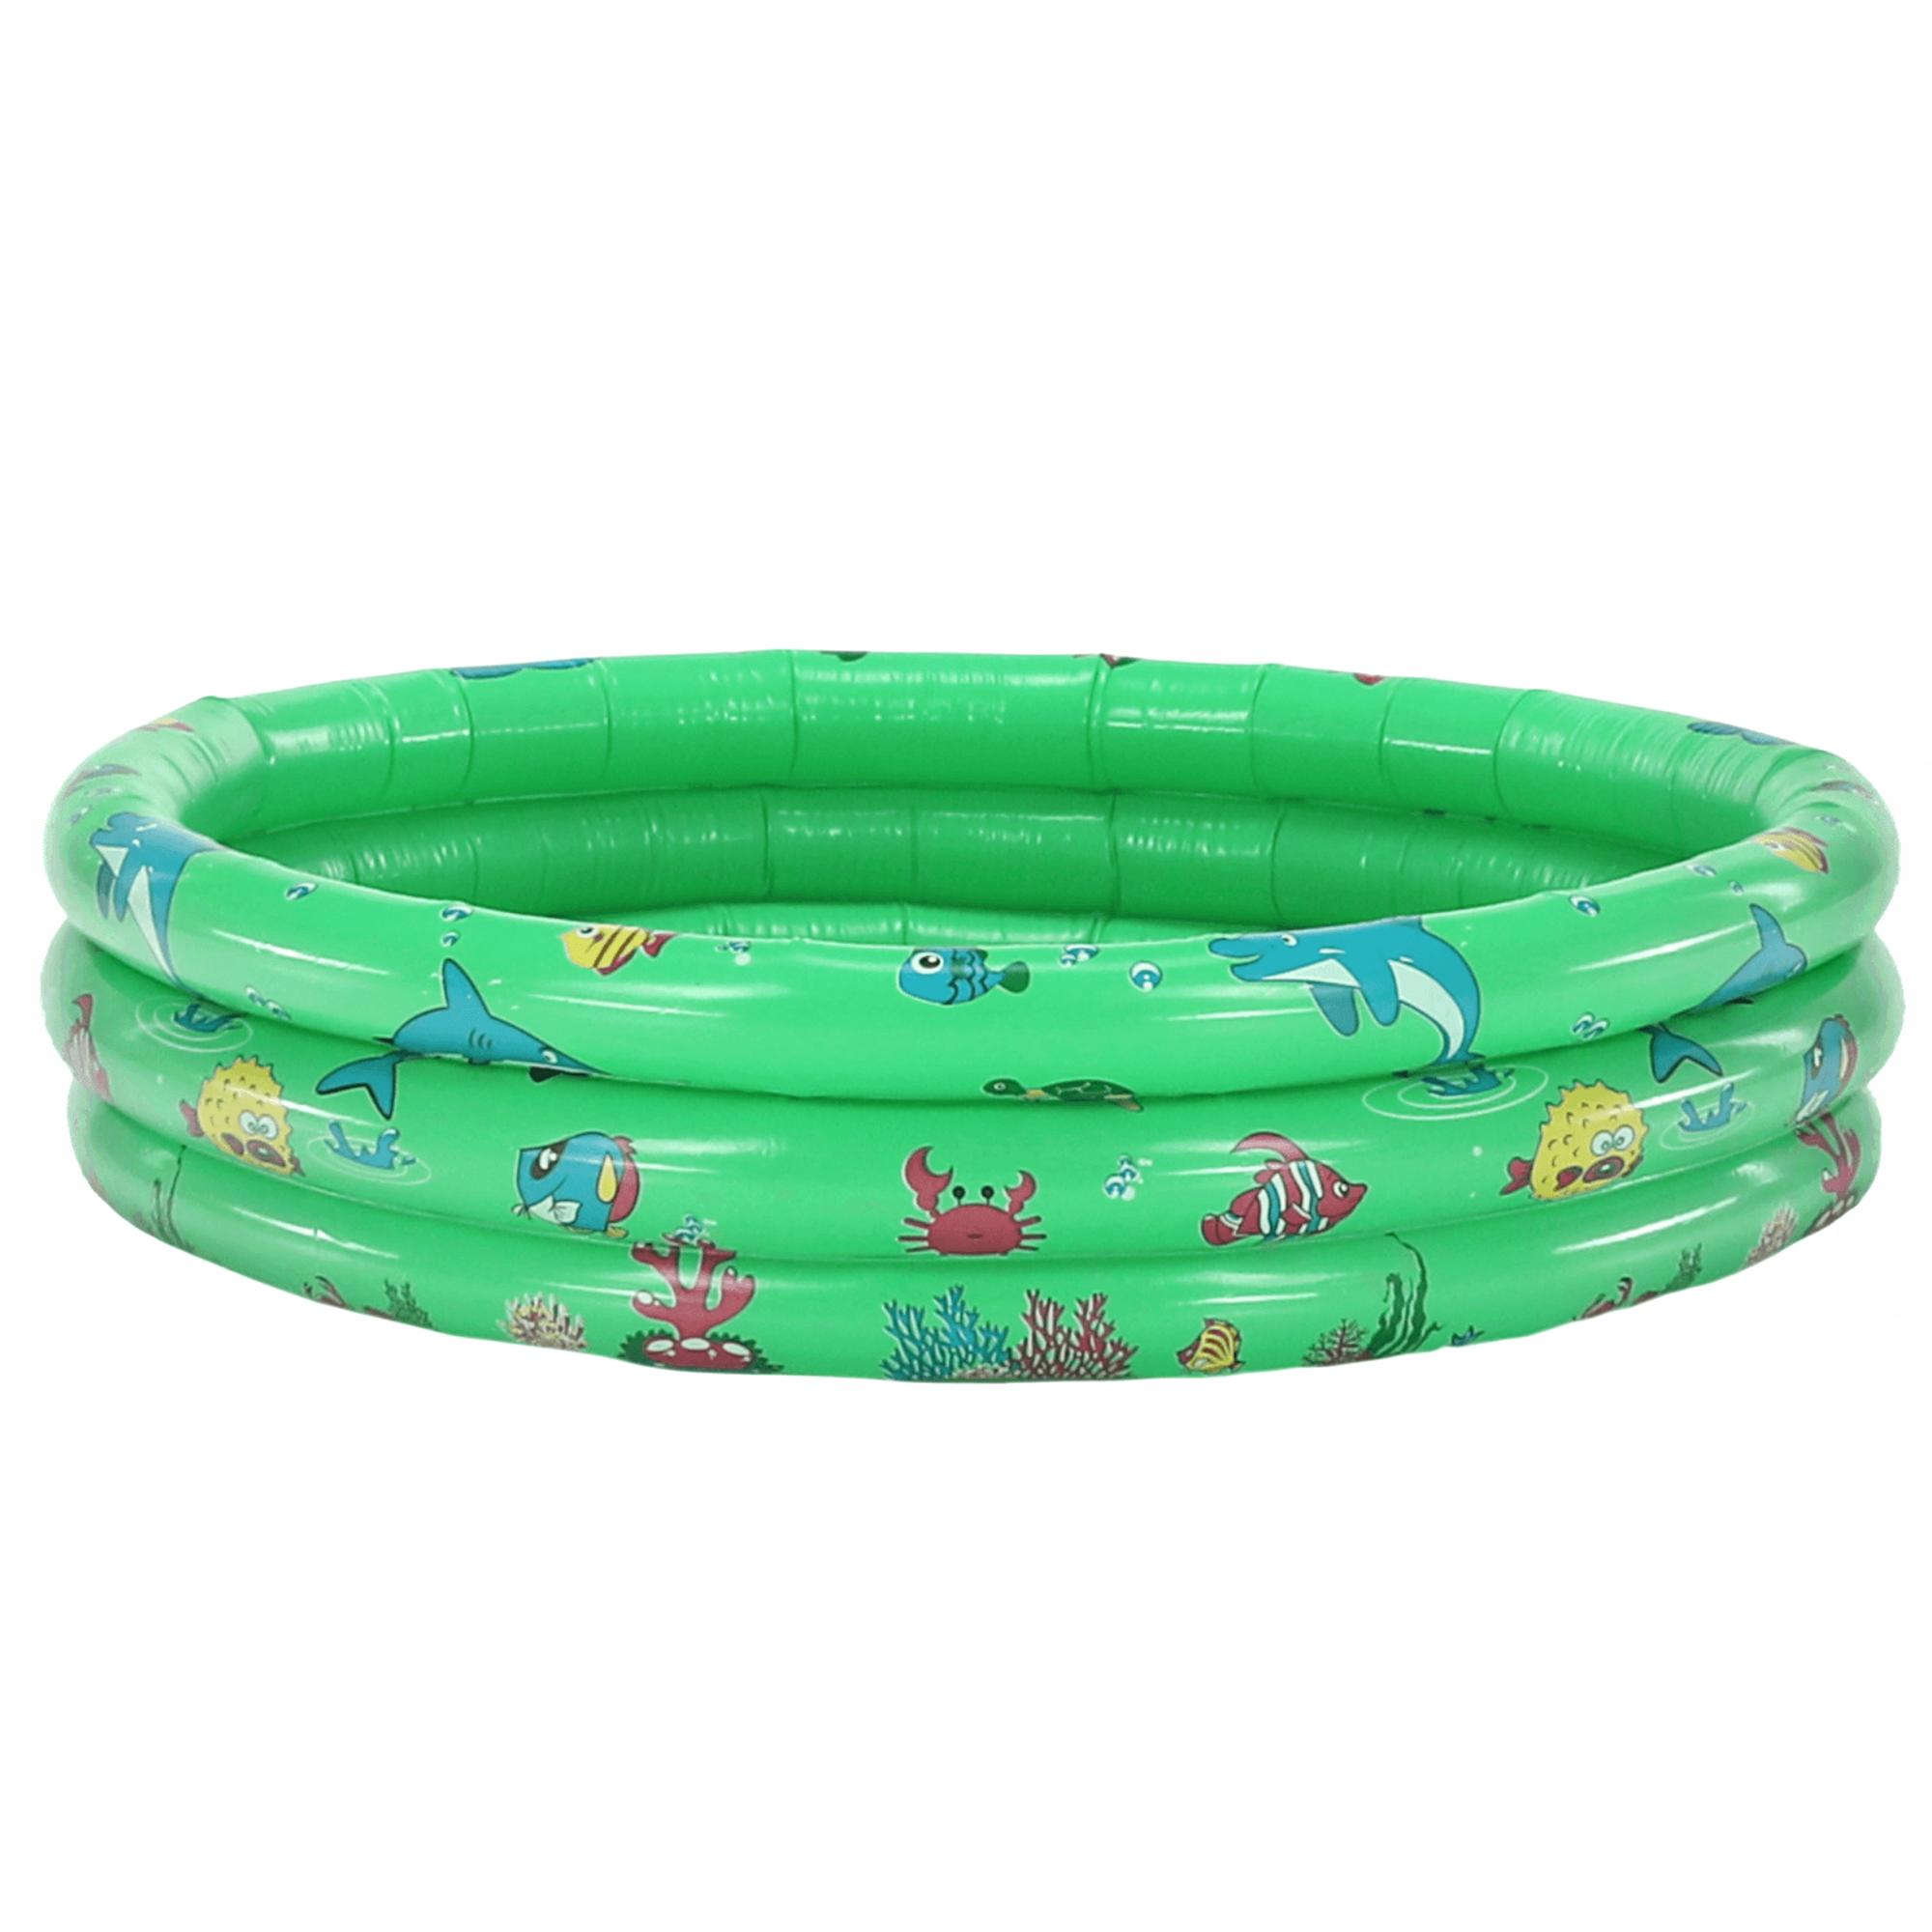 Detský nafukovací bazén, zelená/vzor, LOME